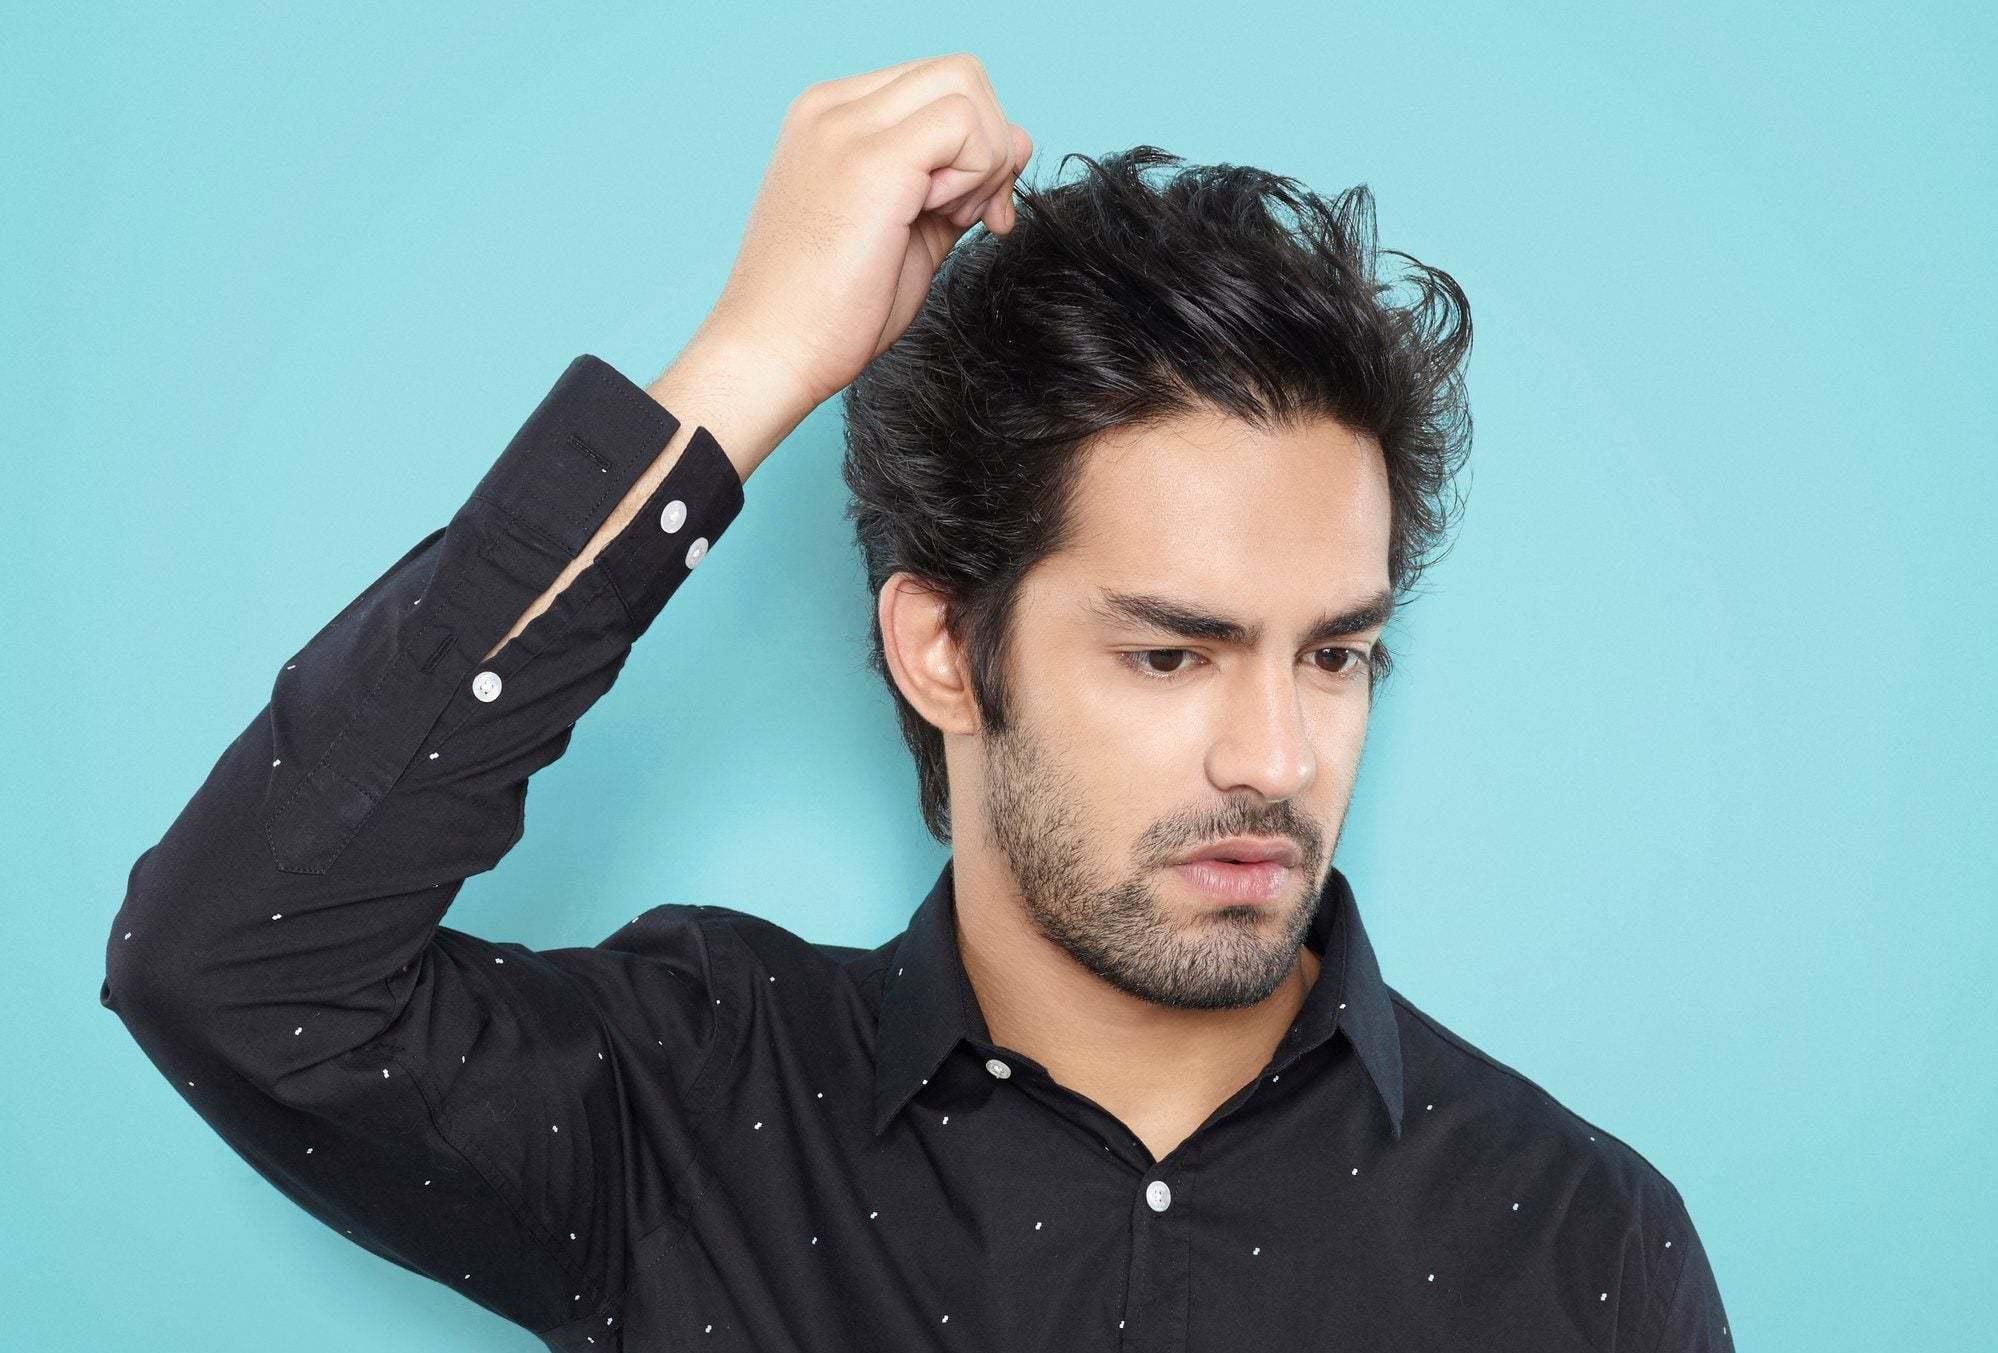 modelo masculino de cabelo liso arrepiado, com a mão na cabeça.